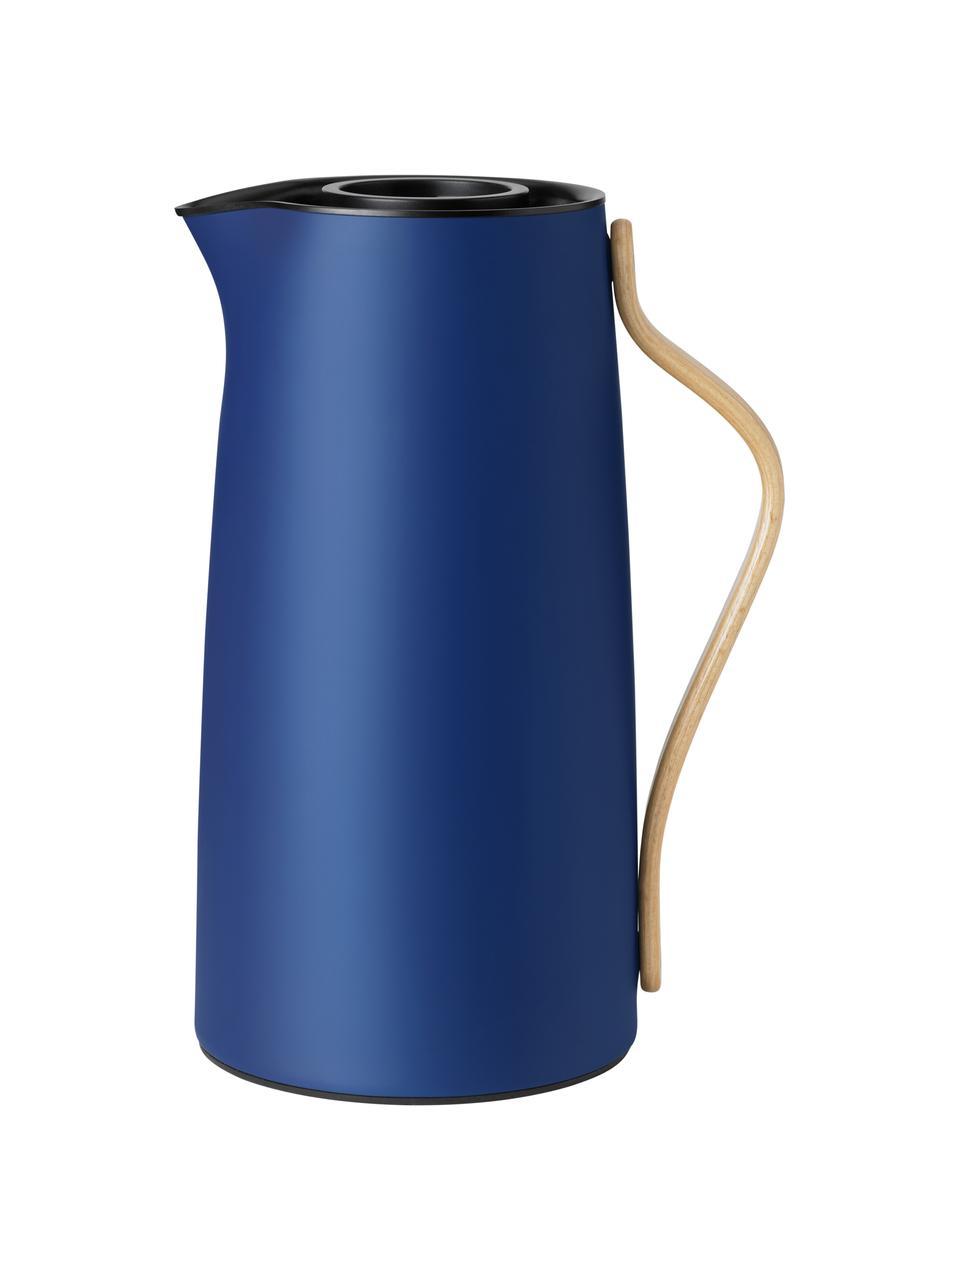 Brocca isotermica blu Emma, 1.2 L, Rivestimento: smalto, Manico: legno di faggio, Blu, beige, 1.2 L